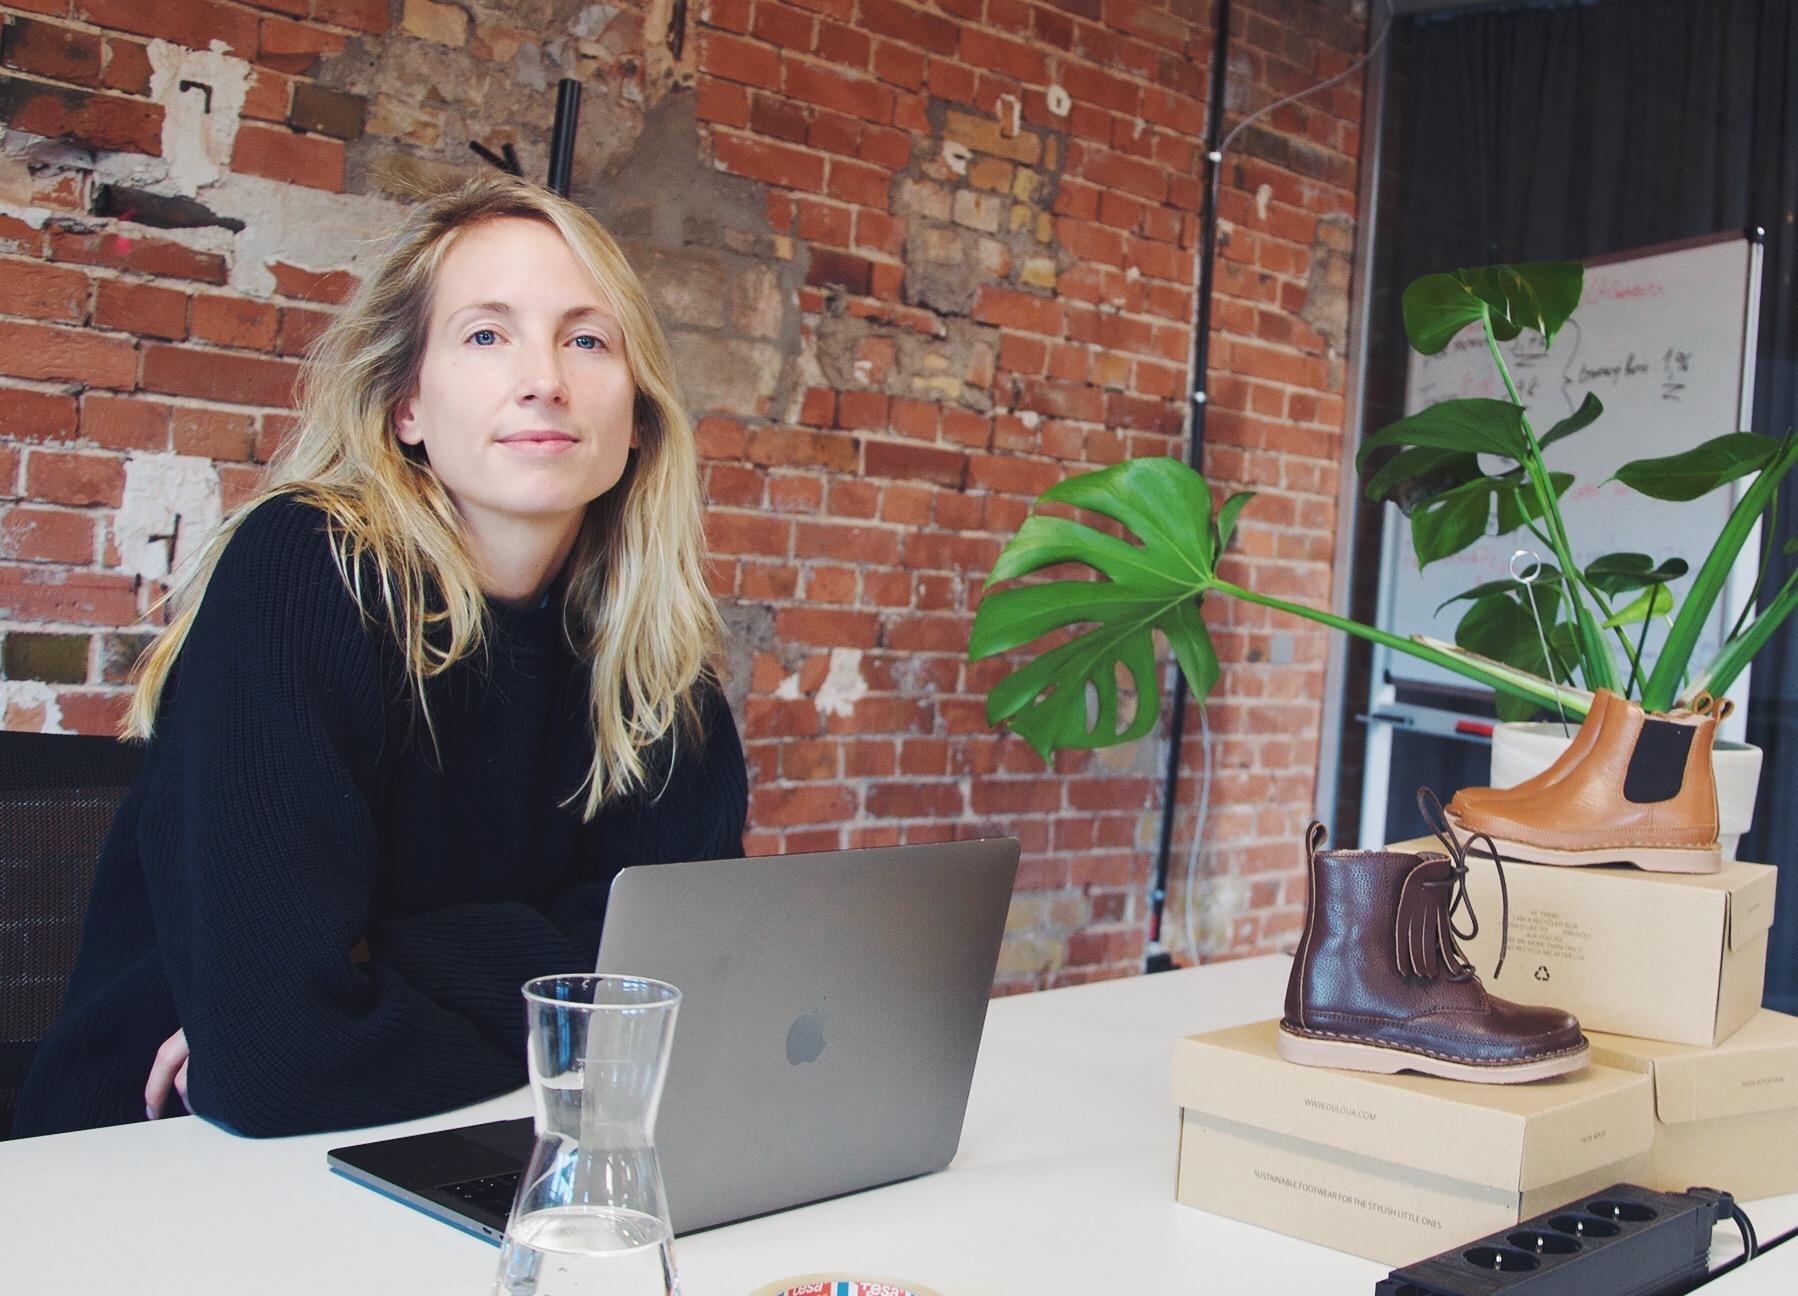 Laura Stroomer uit Castricum verloor haar hart aan Berlijn en Olaf en verkoopt nu zelf ontworpen en duurzame kinderschoenen